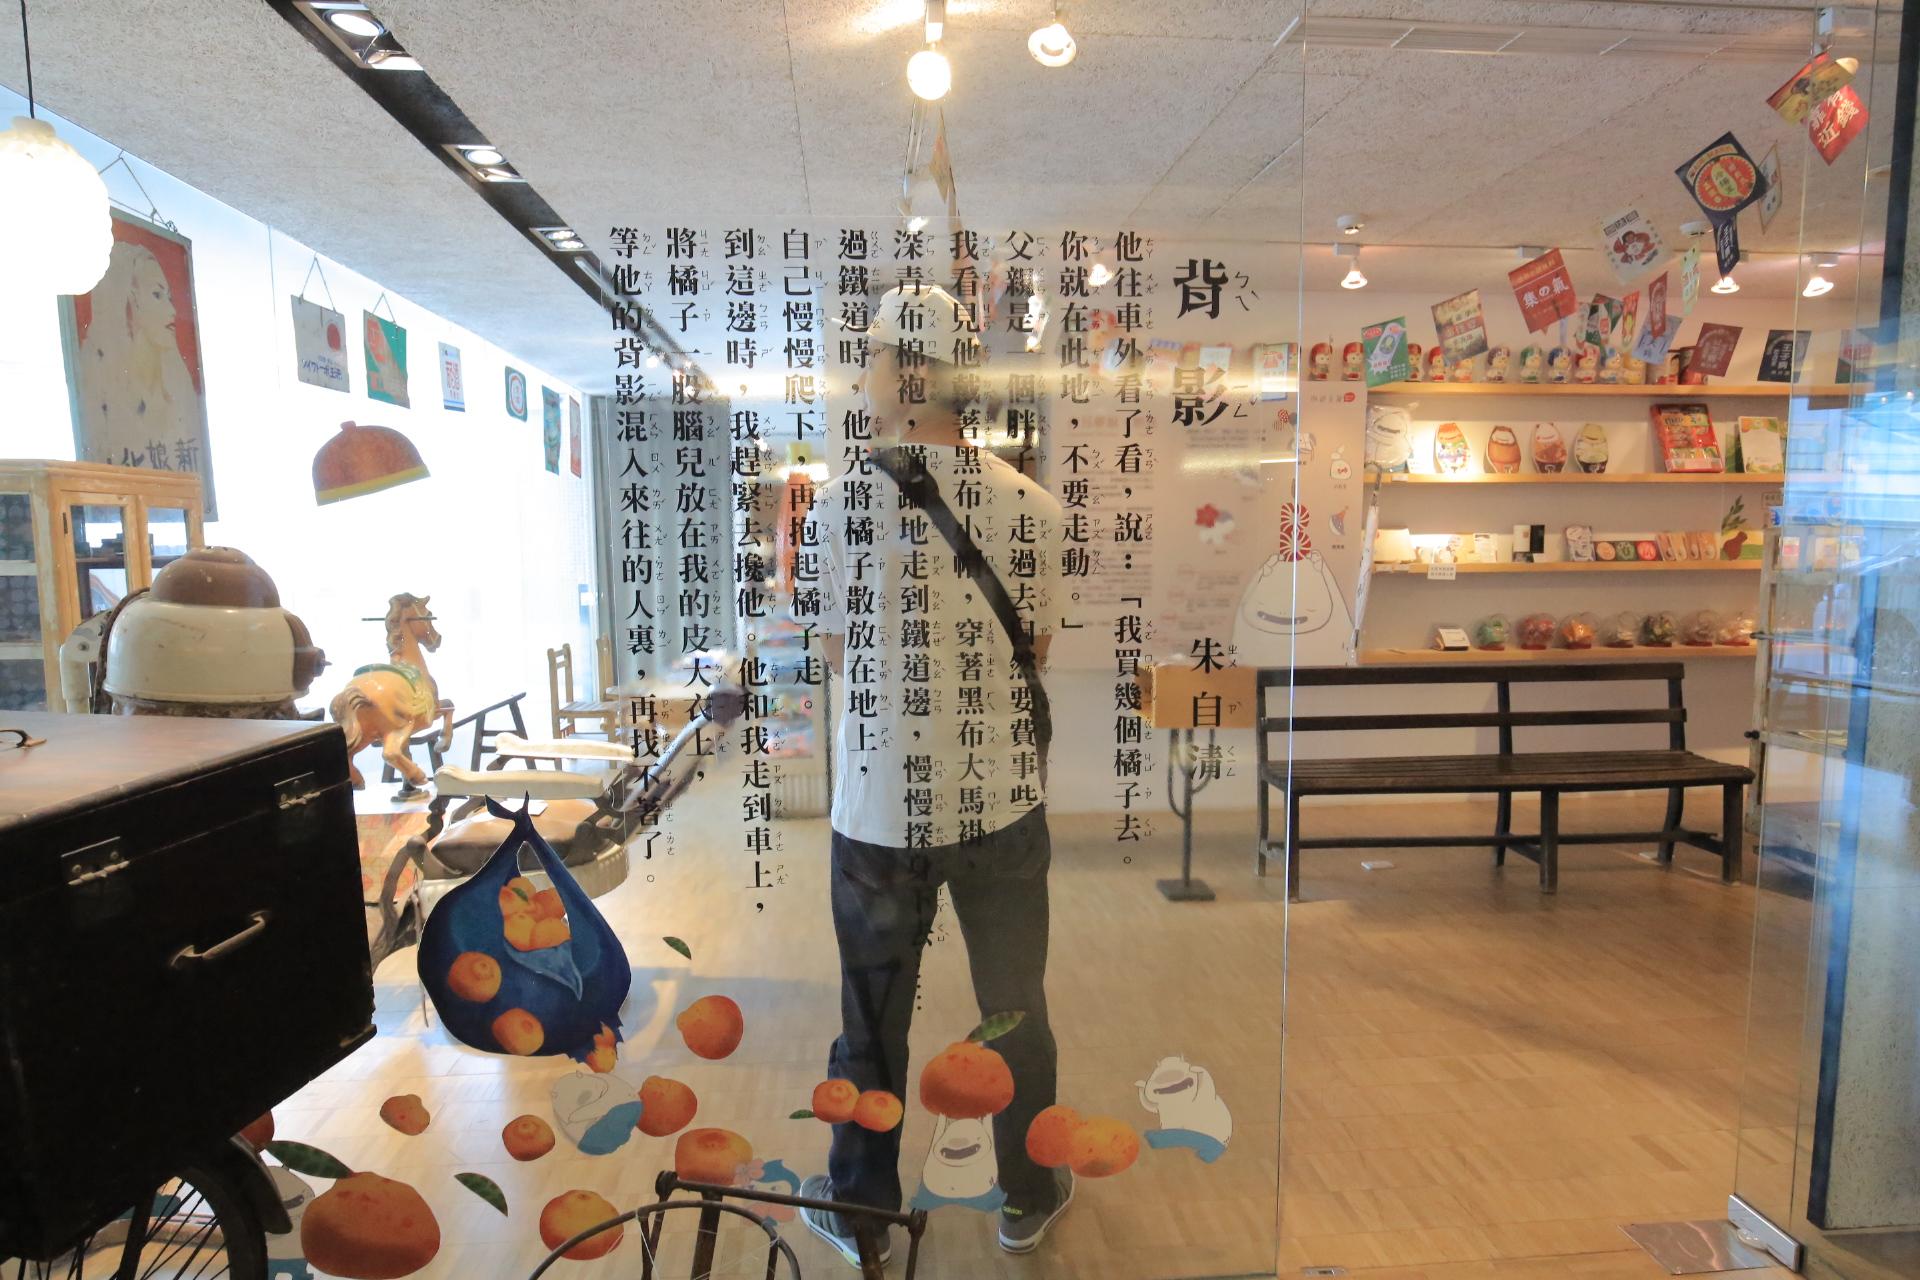 【承億文旅-嘉義商旅】文創設計旅店,處處充滿巧思懷舊的驚喜! @小環妞 幸福足跡